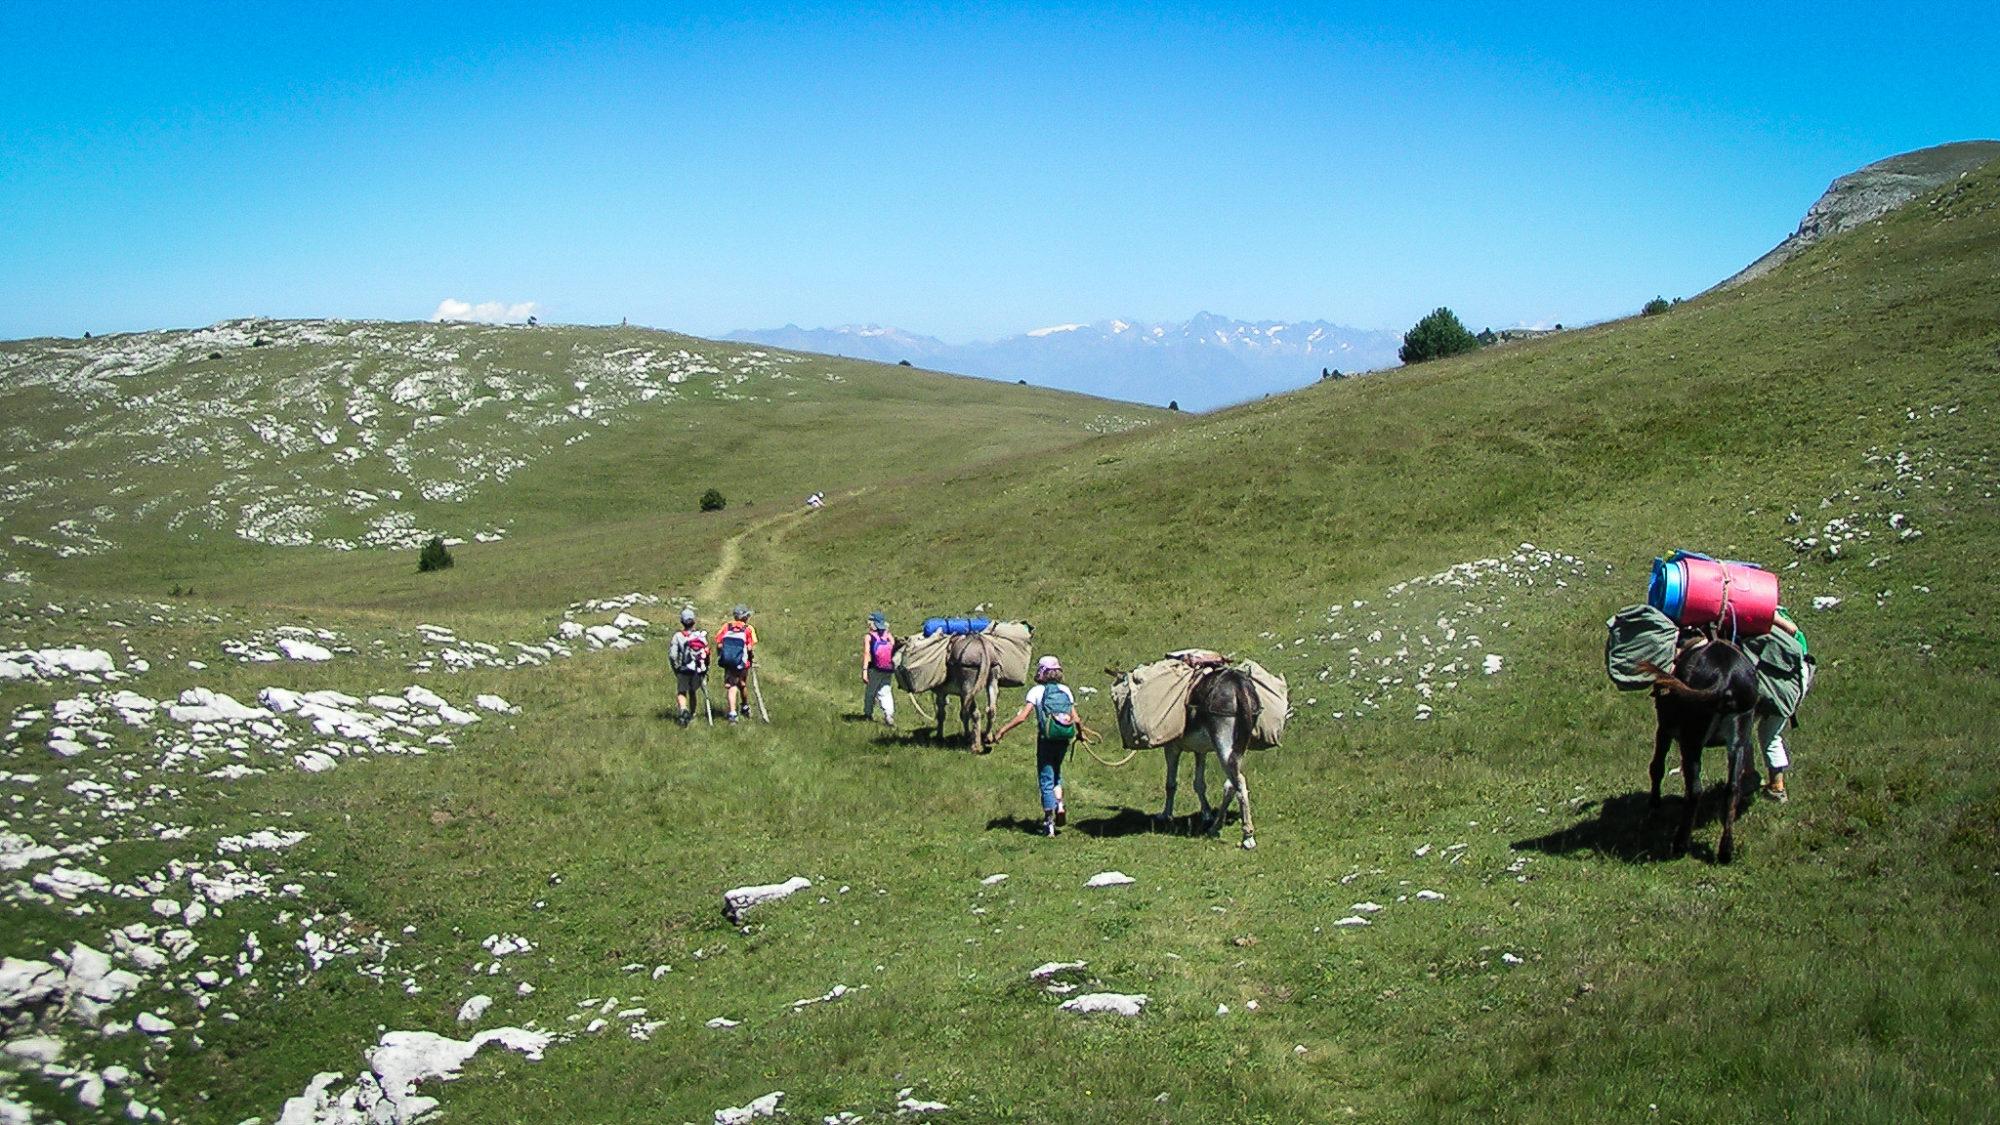 rando en famille, on forme une petite caravane avec les ânes sur les Hauts-Plateaux